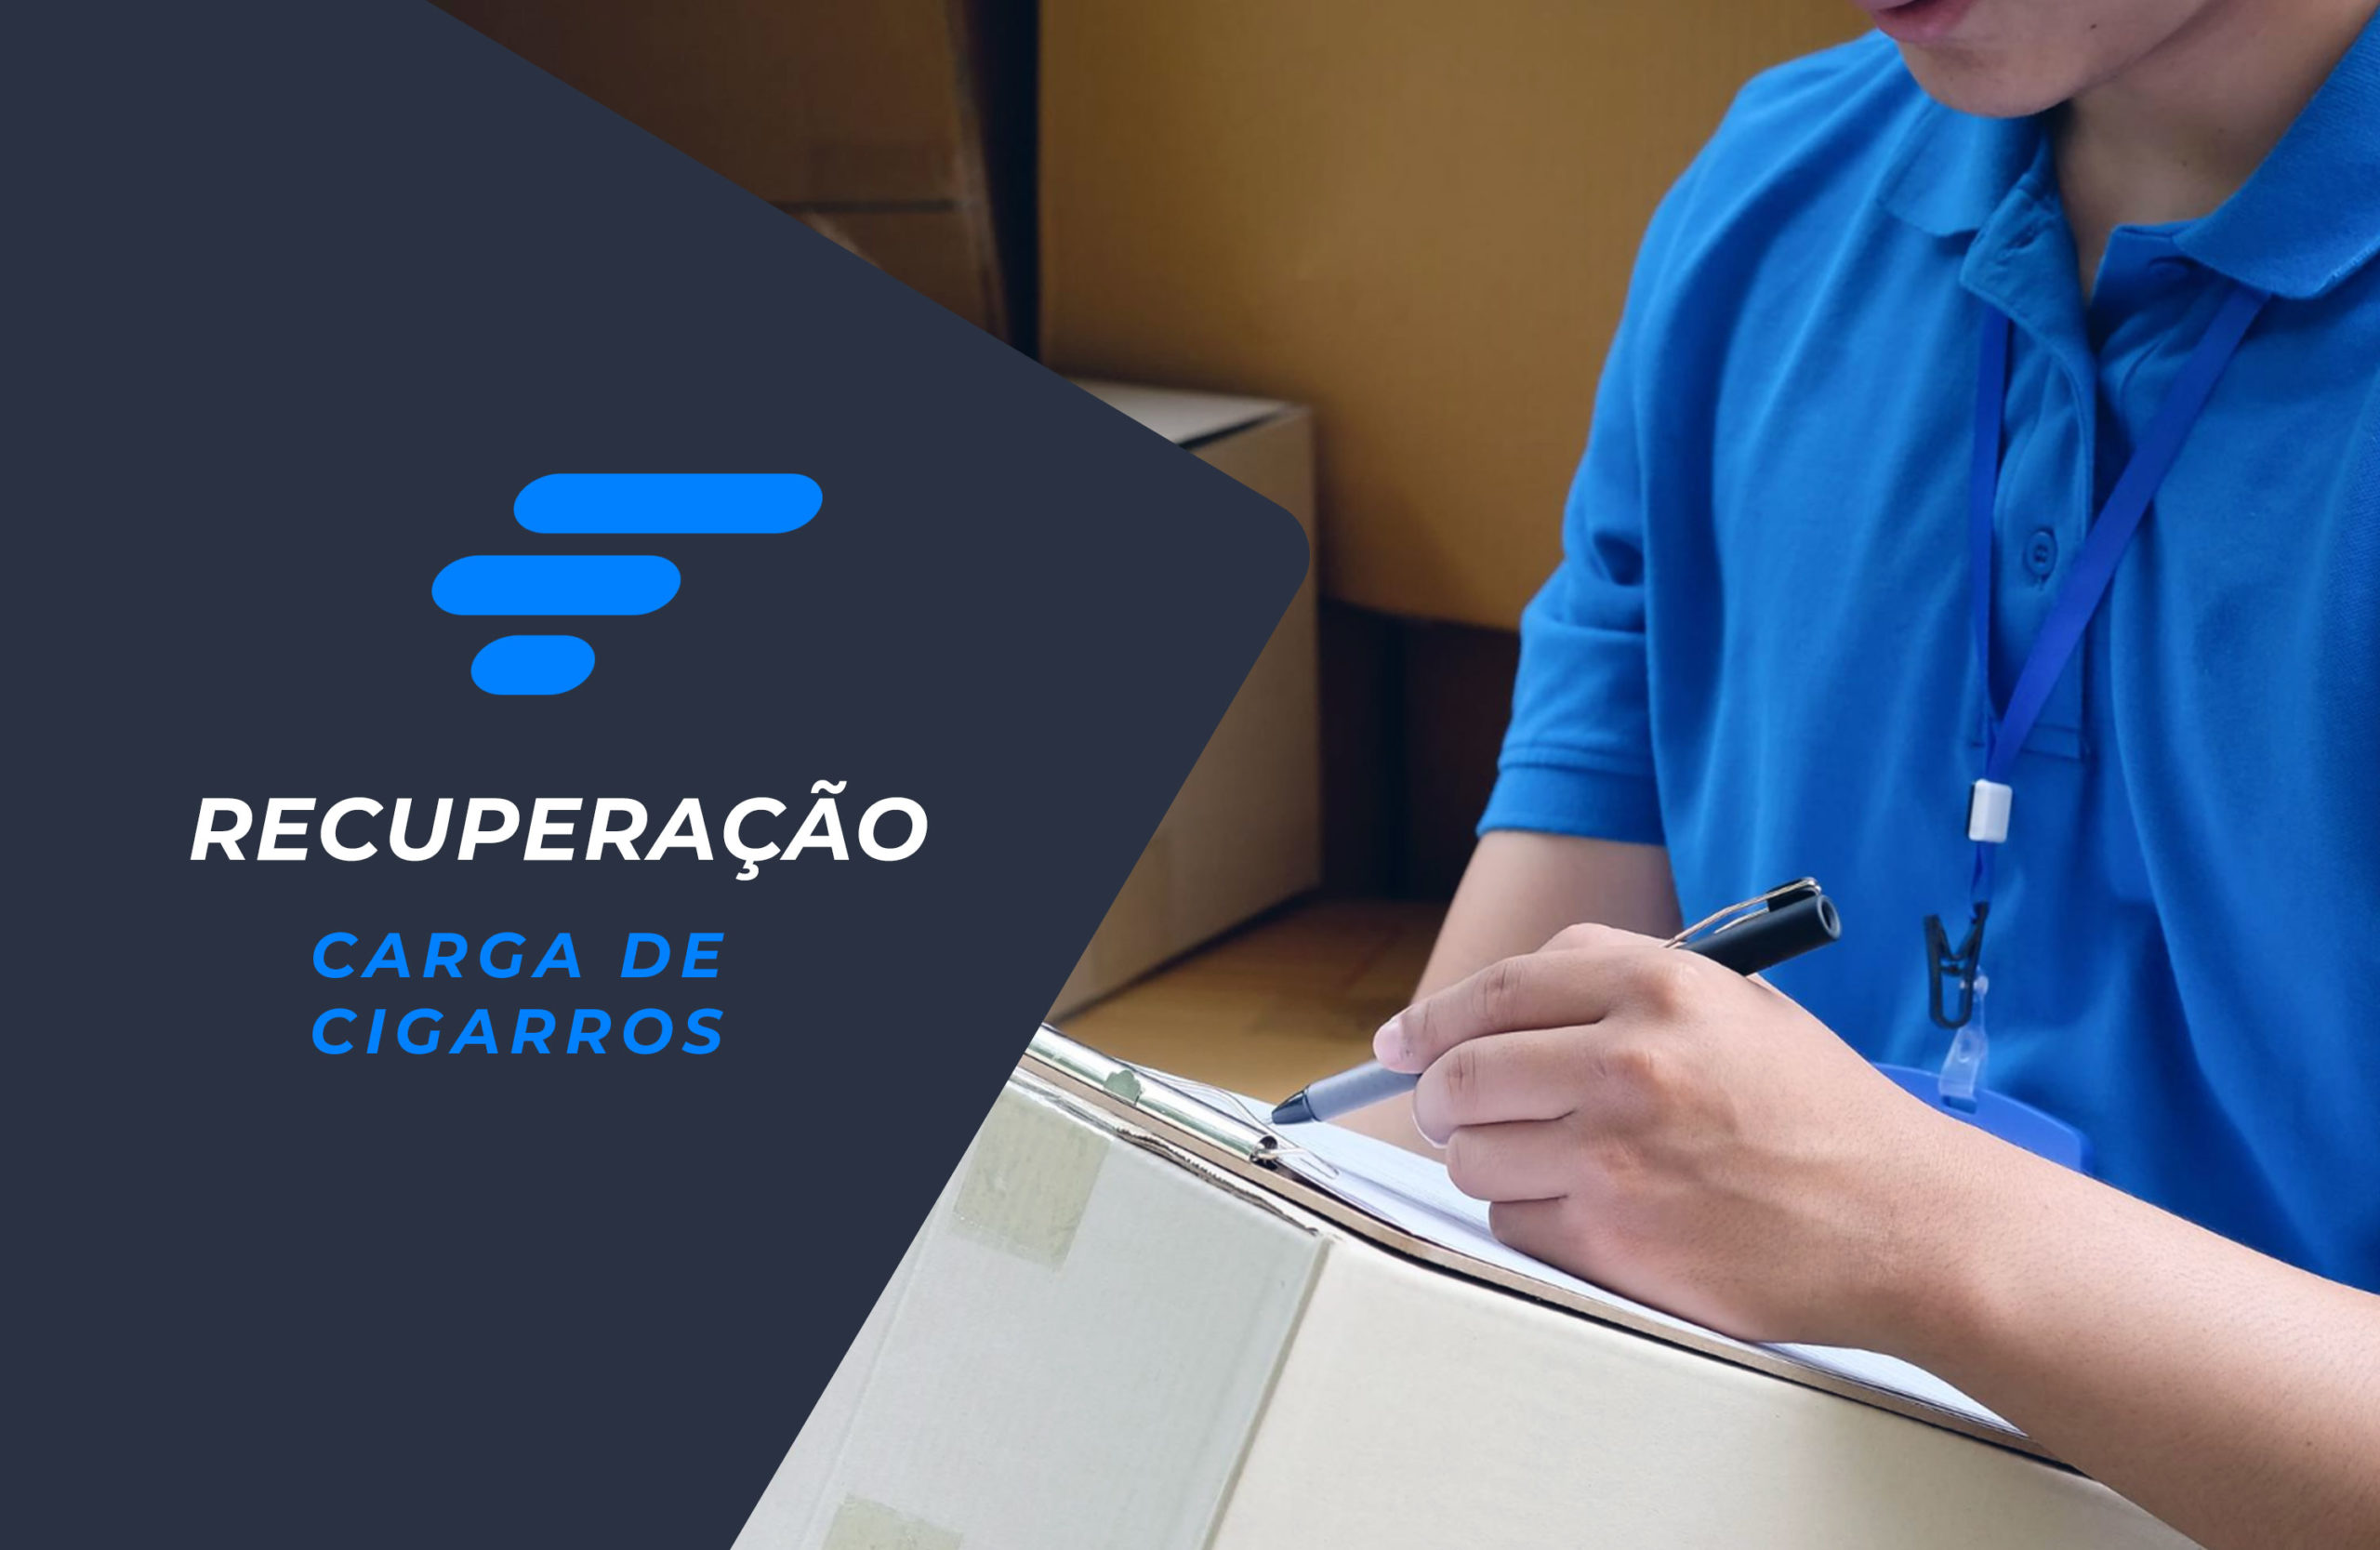 Skymark participa de recuperação de carga de cigarros roubada em Porto Alegre – RS